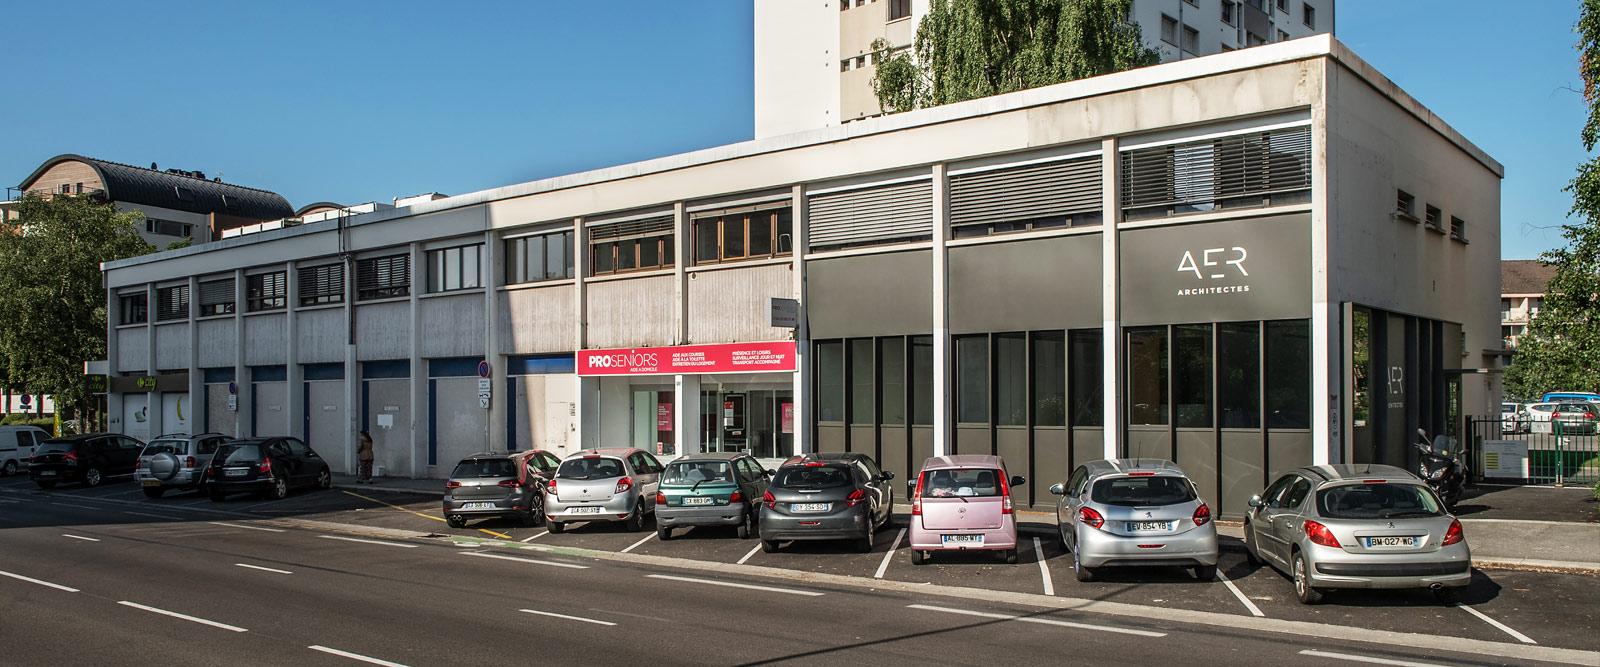 AER-Architectes-Agence-03